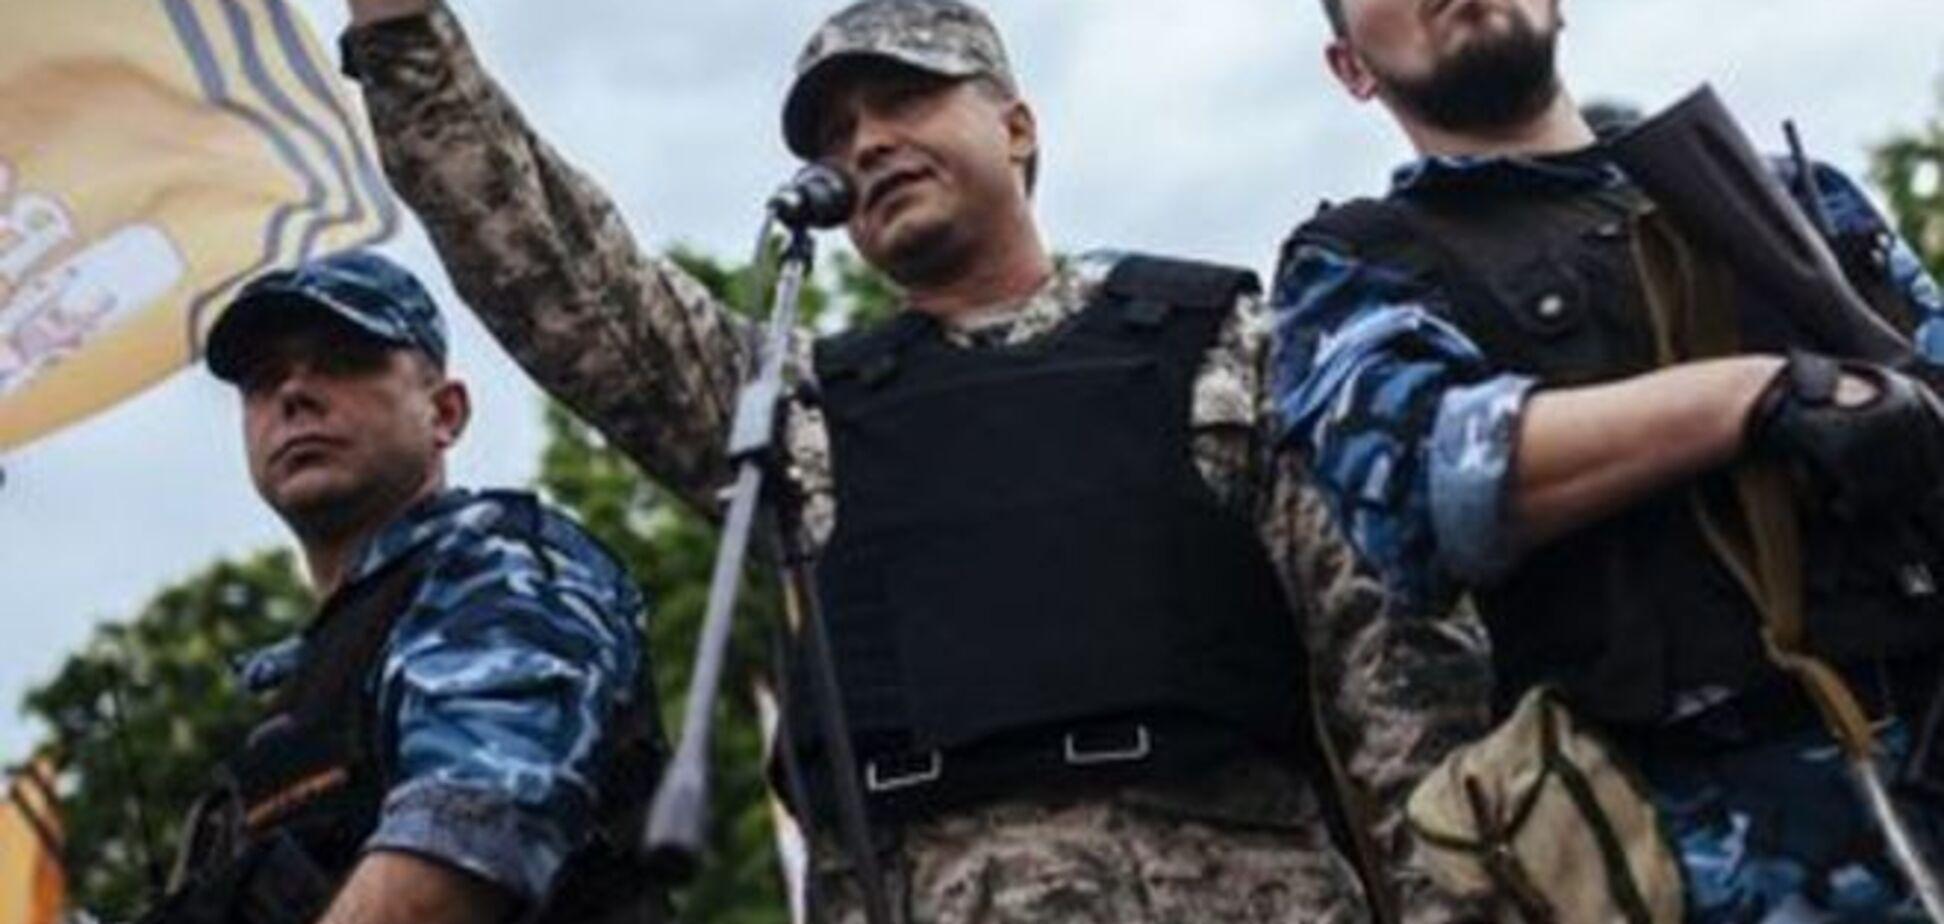 Бойовики на Донбасі готують повномасштабний наступ